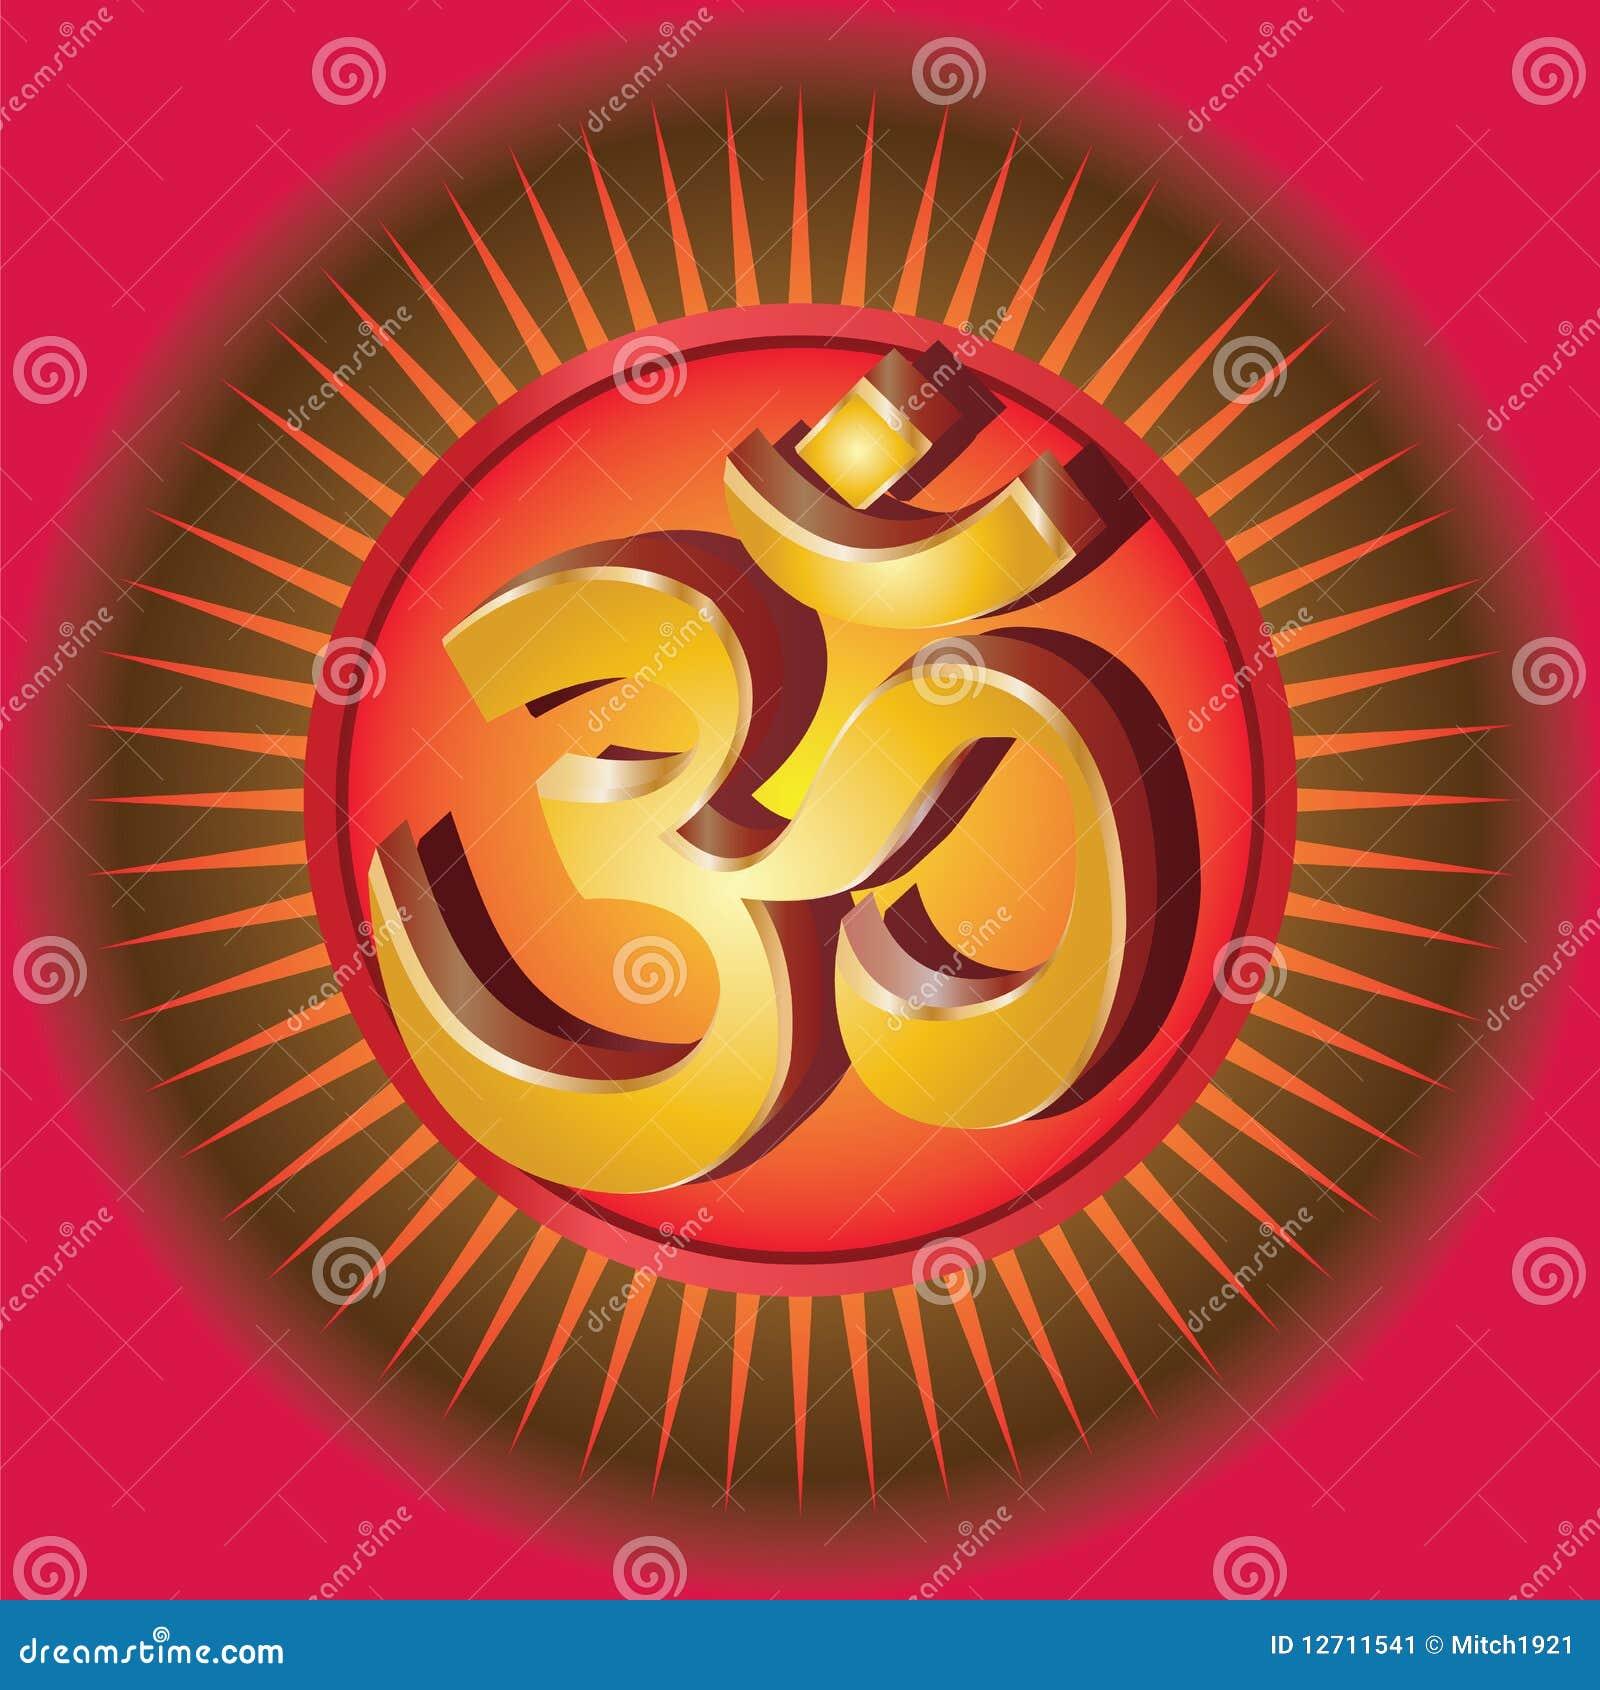 Vector Om Symbol Stock Vector Image Of Oriental Golden